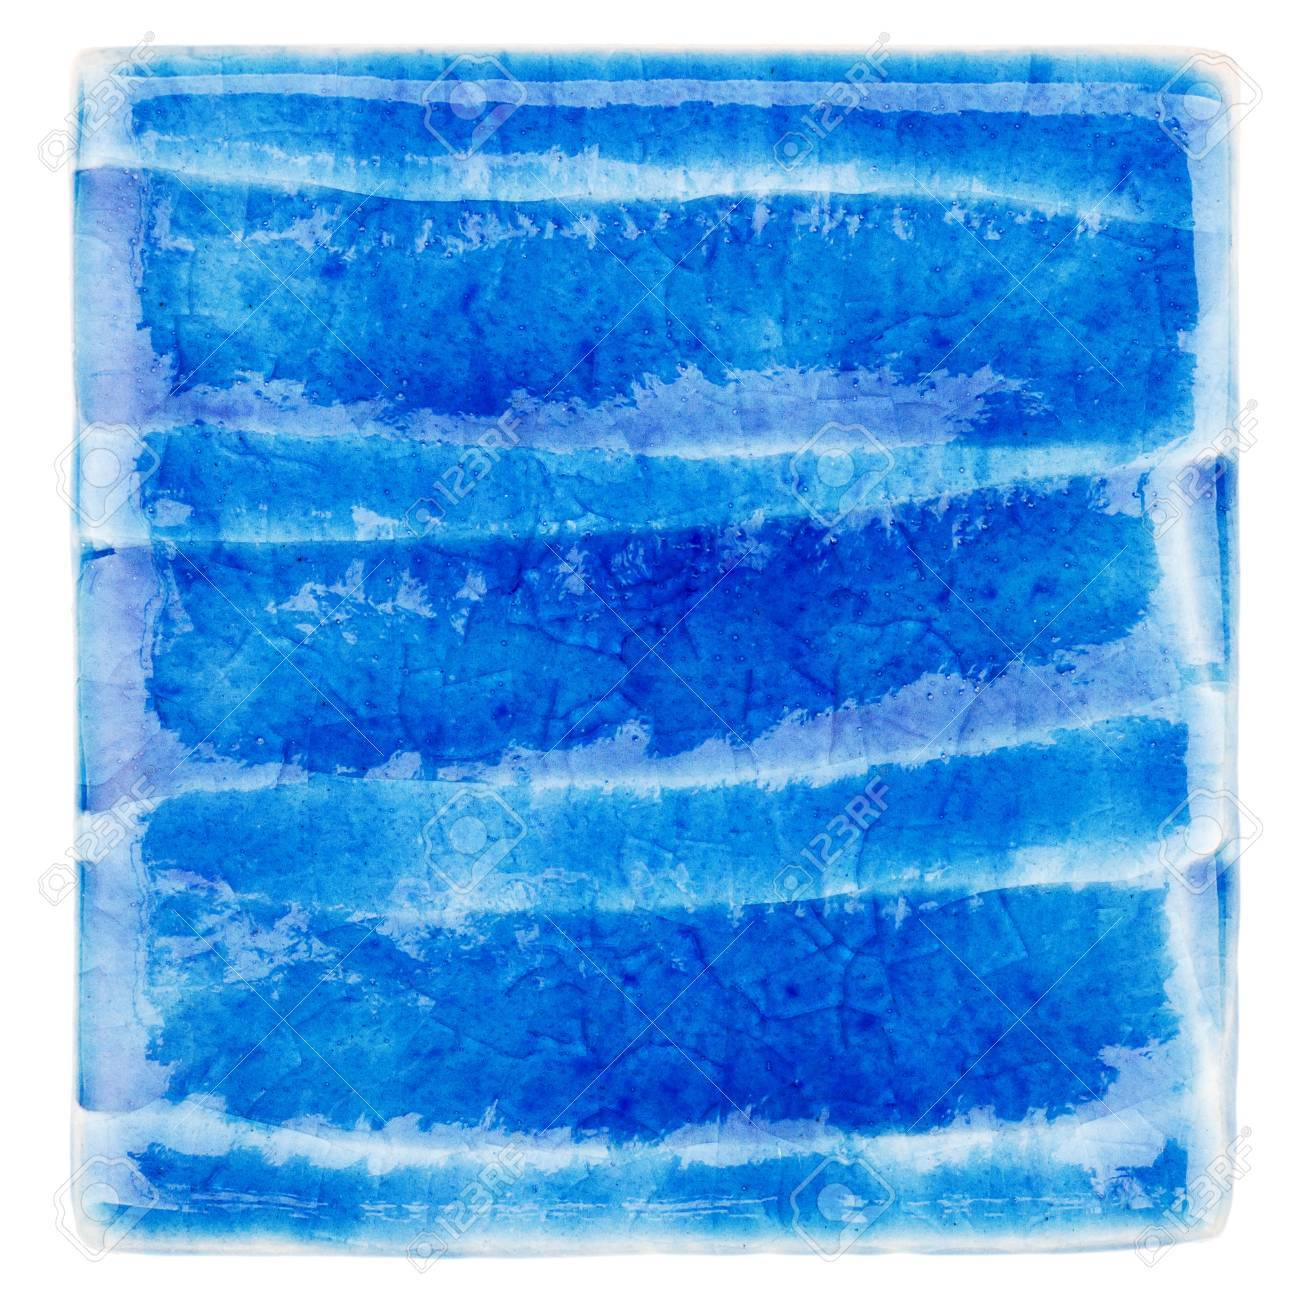 Blue lined handmade glazed ceramic tile isolated on white background blue lined handmade glazed ceramic tile isolated on white background stock photo 73234822 dailygadgetfo Choice Image